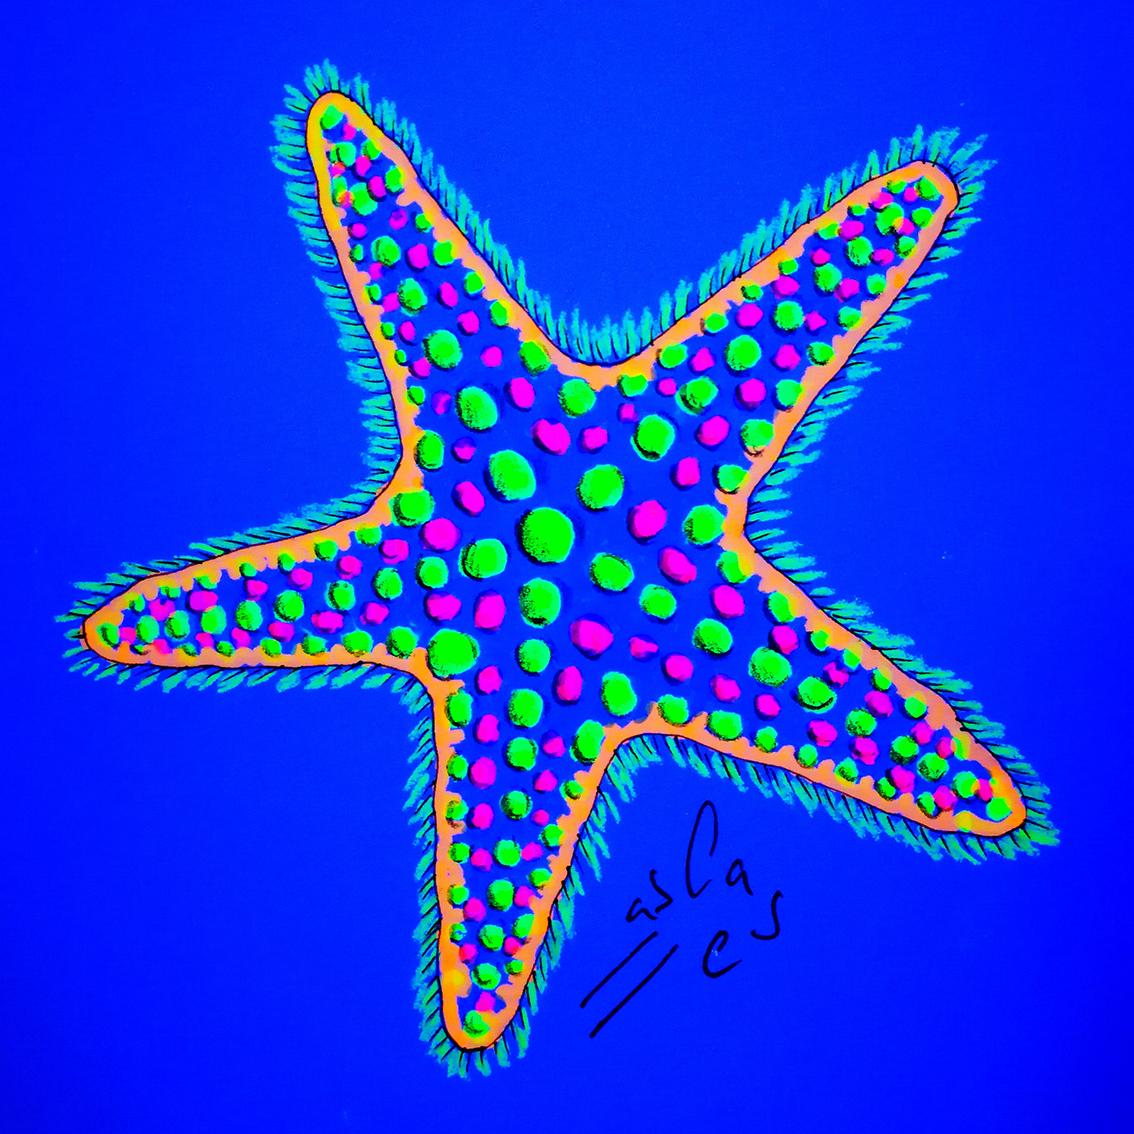 Vicky-Casellas.-Estrella-de-mar.-Ilustración-fluorescente.-Fluo-art-Casellas.-Fluoresent-art